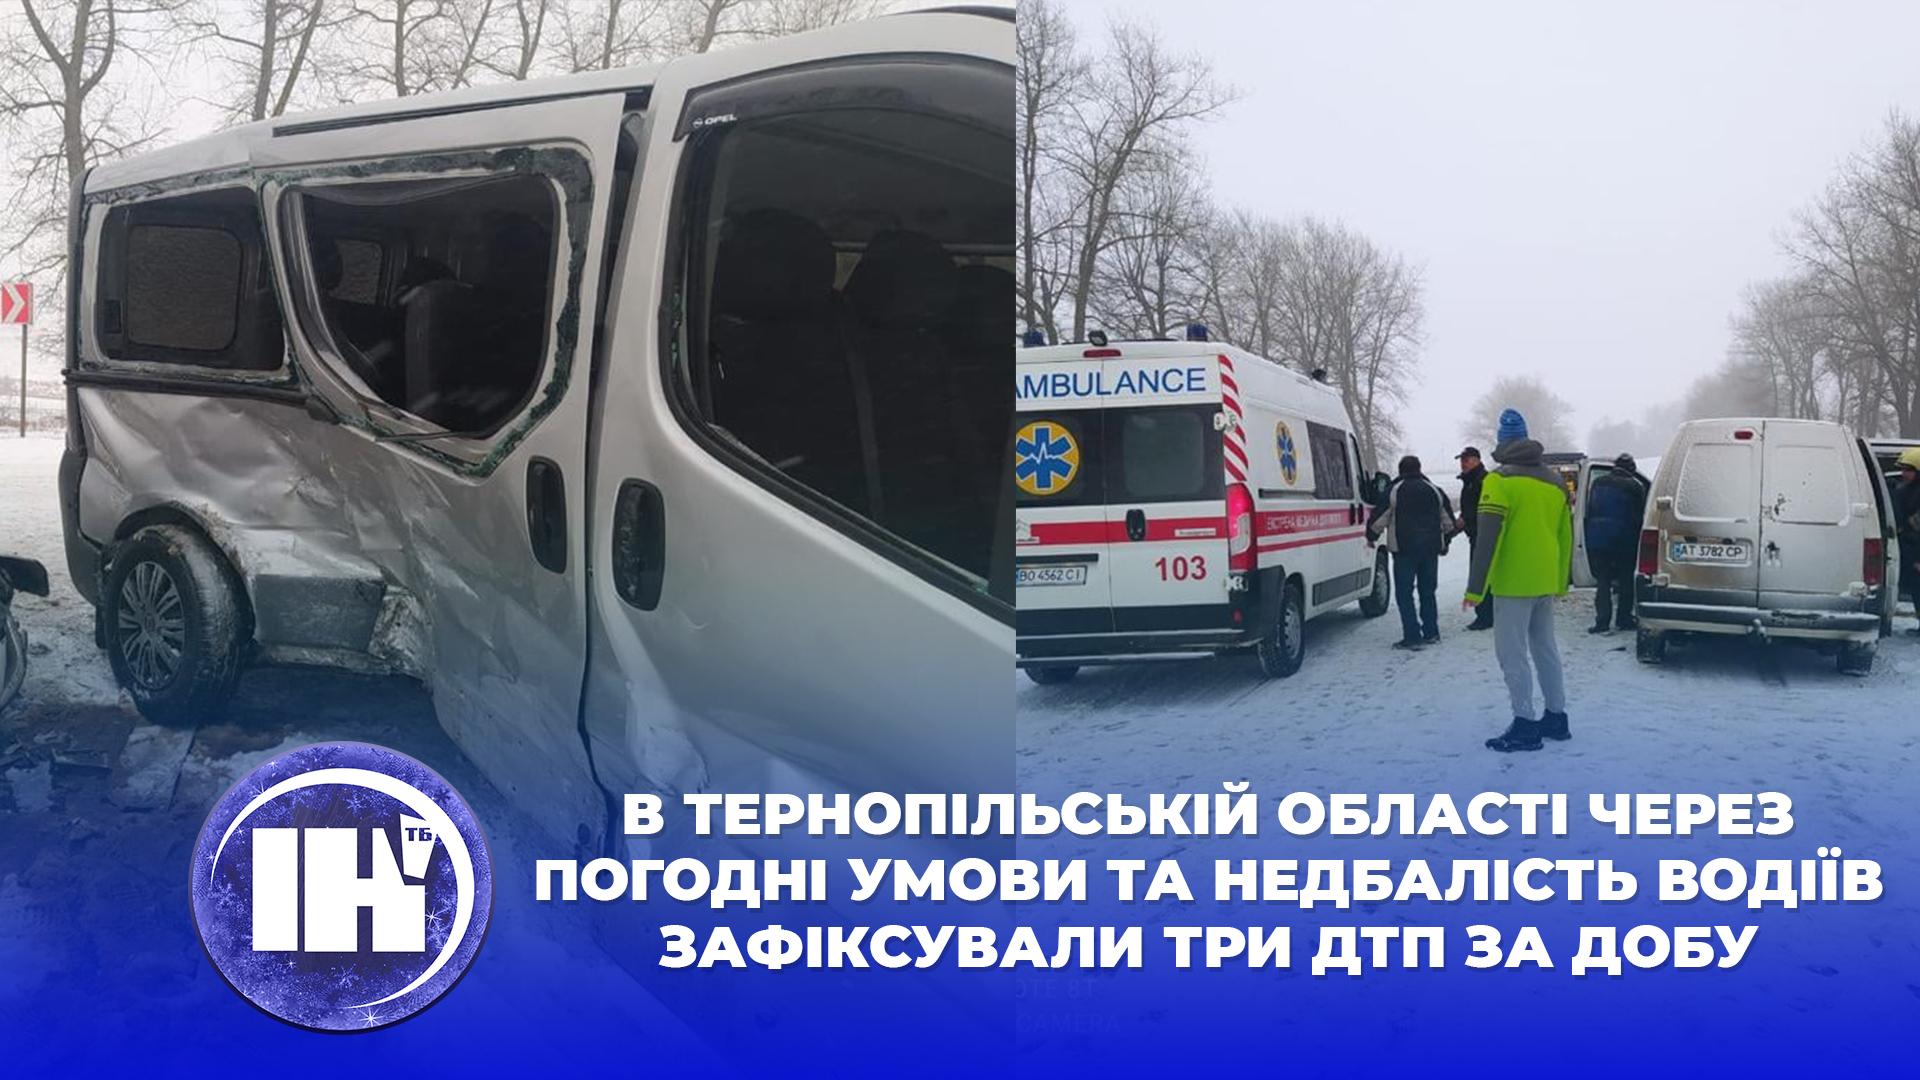 В Тернопільській області через погодні умови та недбалість водіїв зафіксували три ДТП за добу